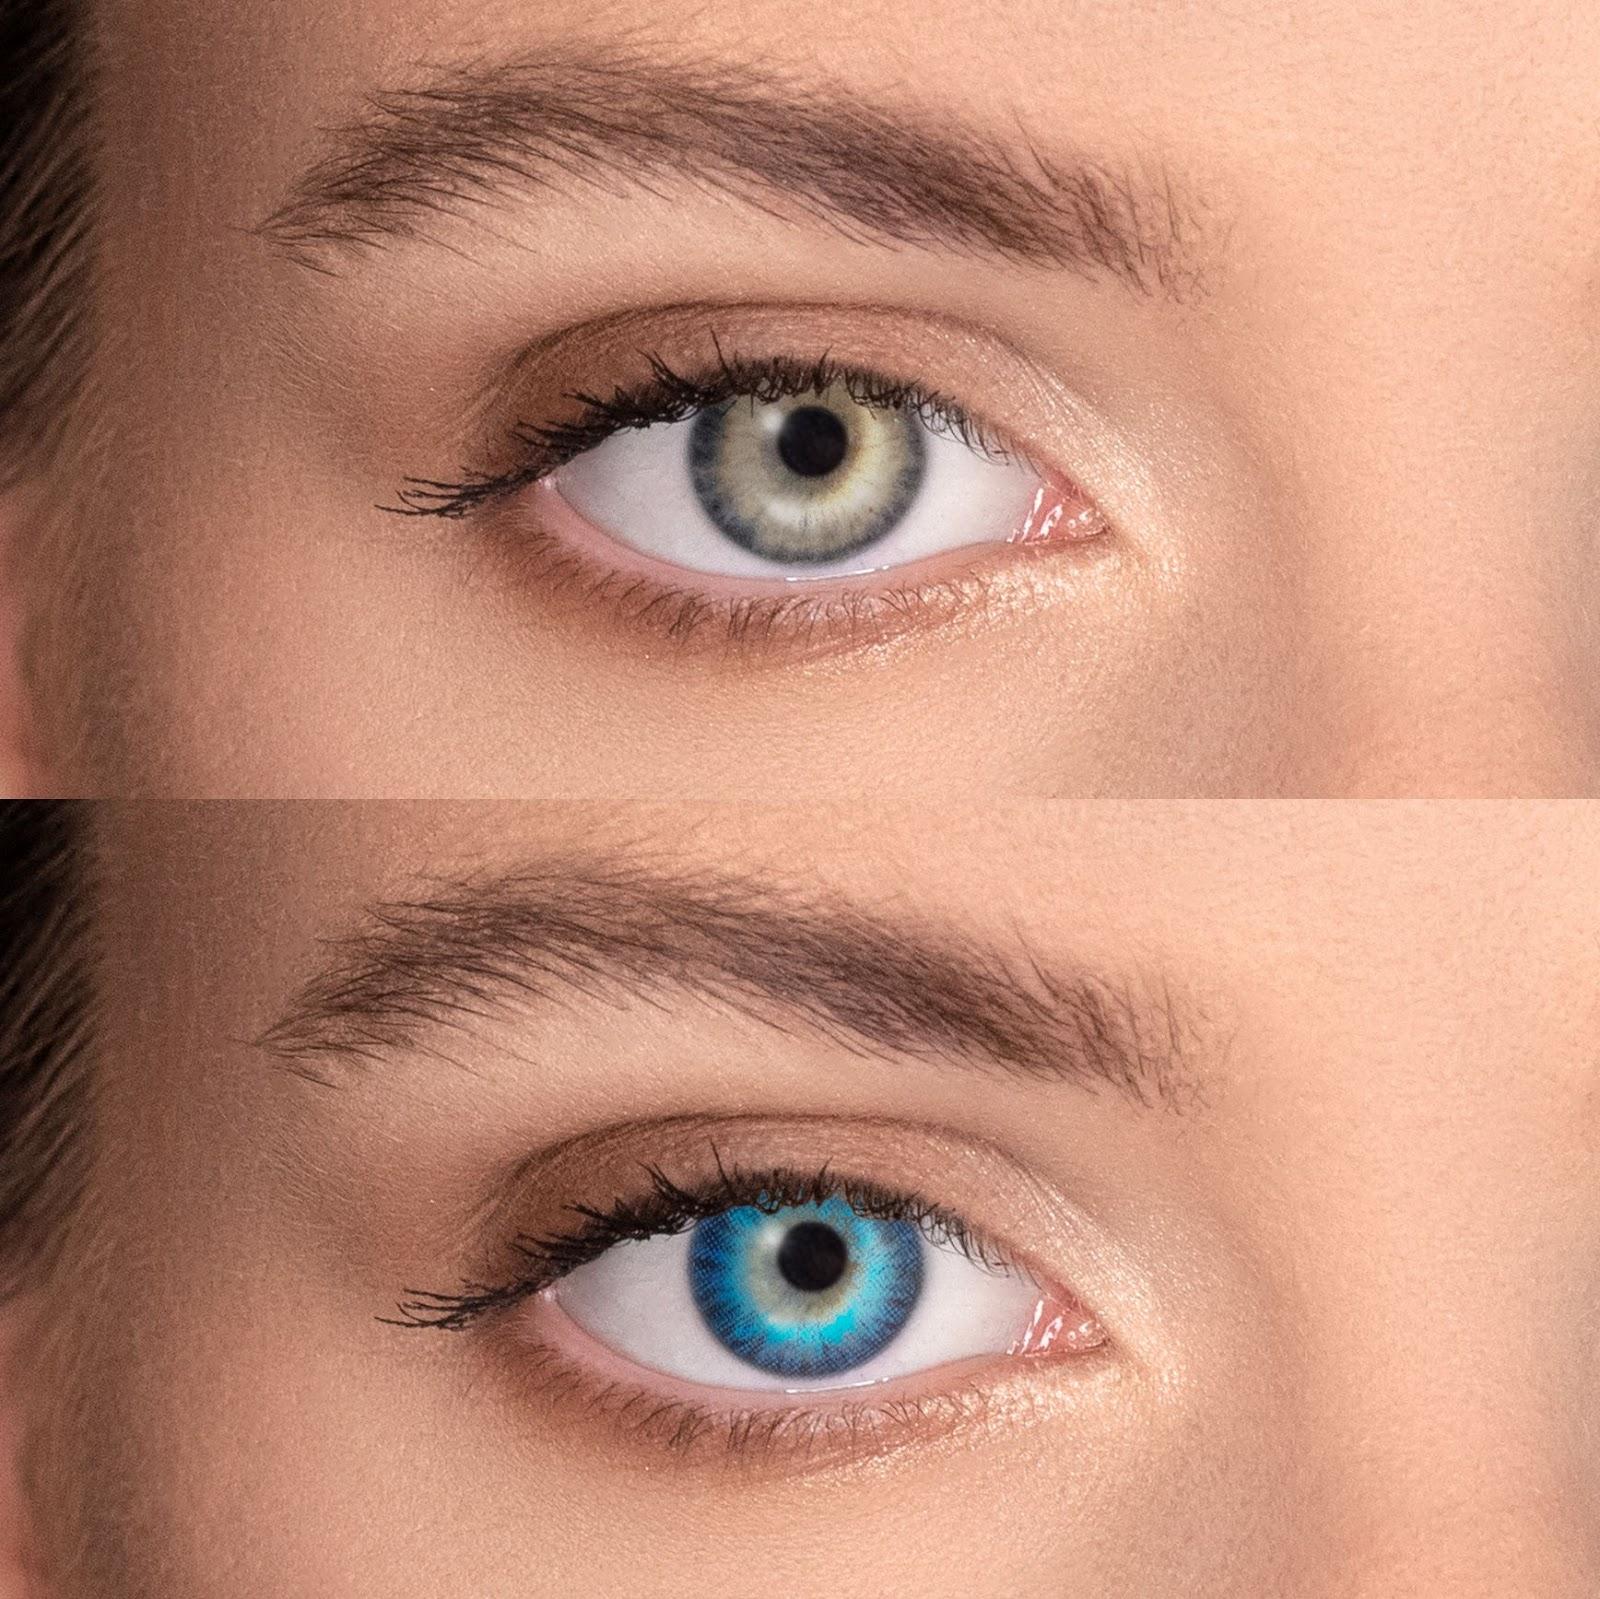 Descoperă cele mai frumoase lentile colorate pentru părul șaten, laVidet.